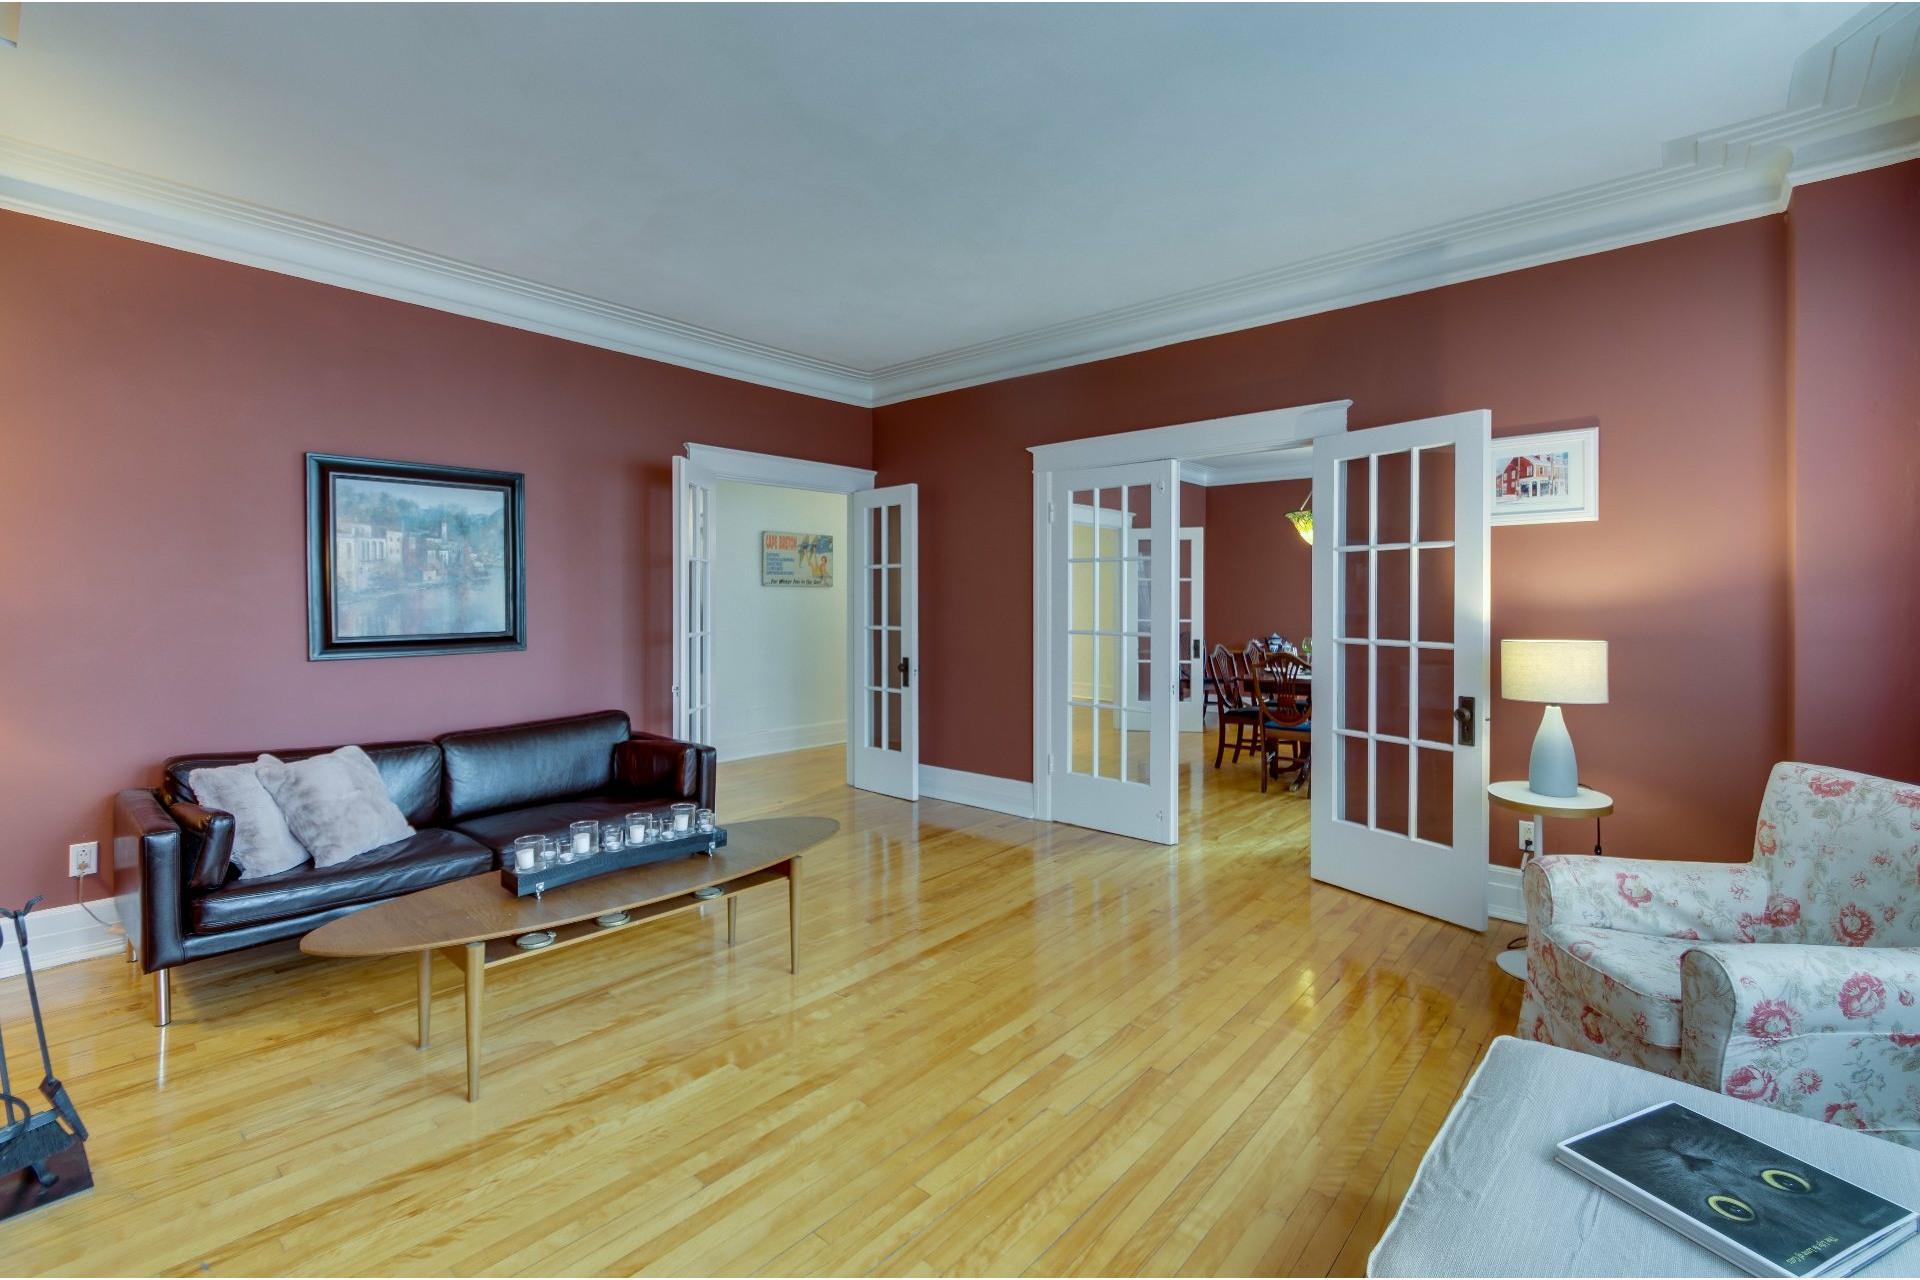 image 20 - Apartment For sale Côte-des-Neiges/Notre-Dame-de-Grâce Montréal  - 7 rooms